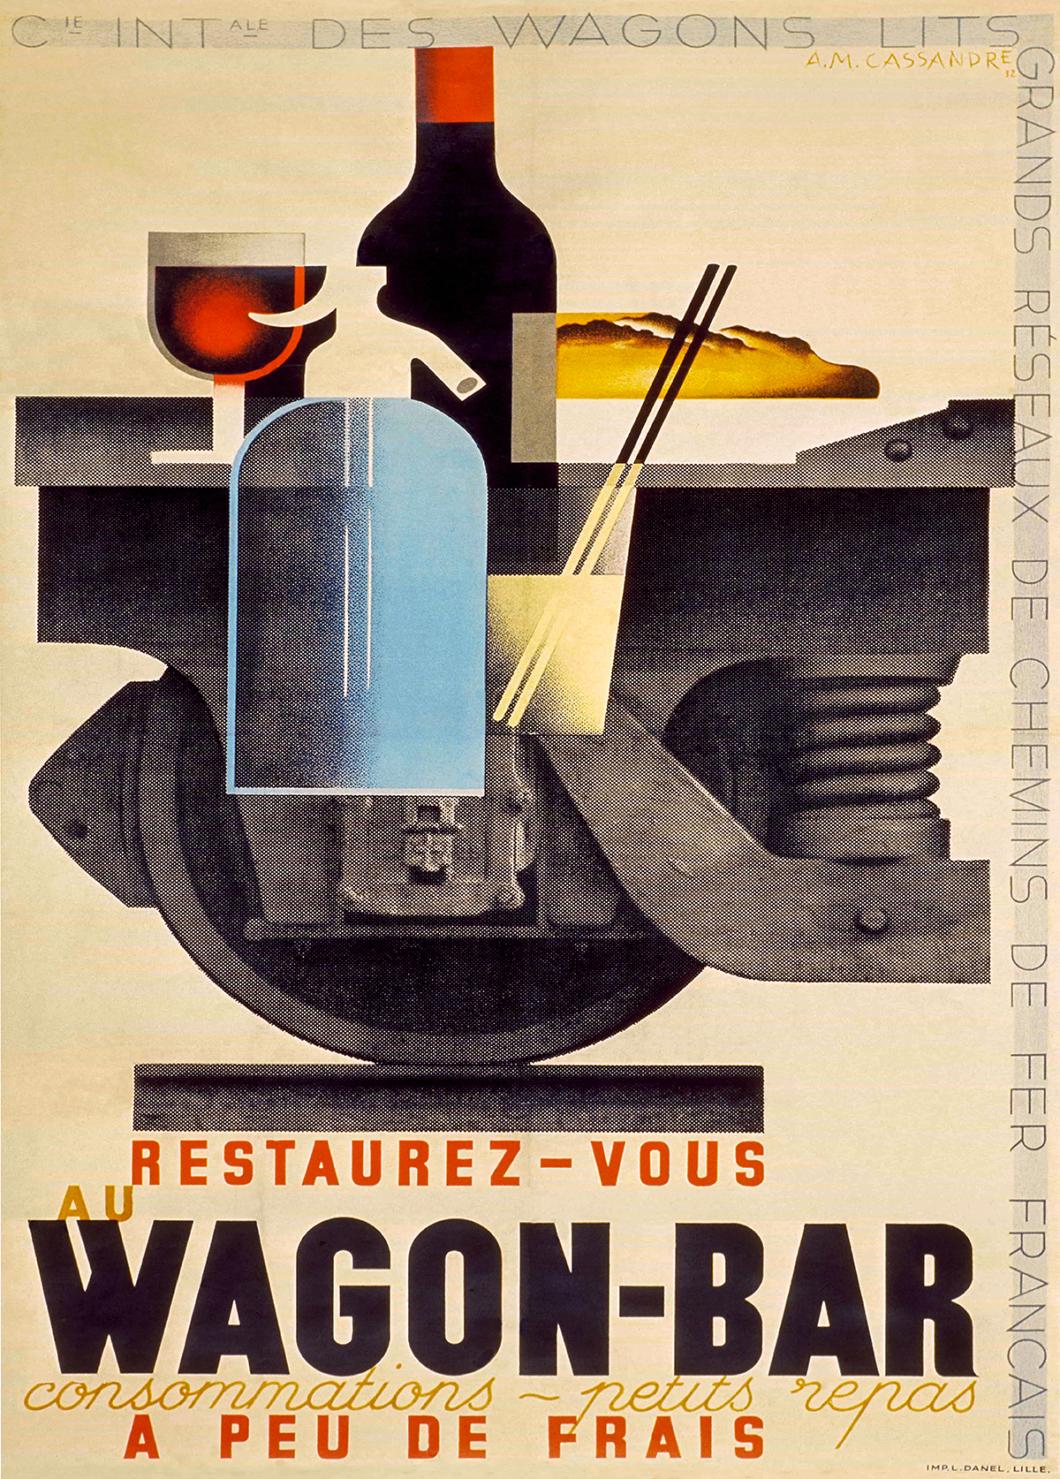 Wagon Bar 1932